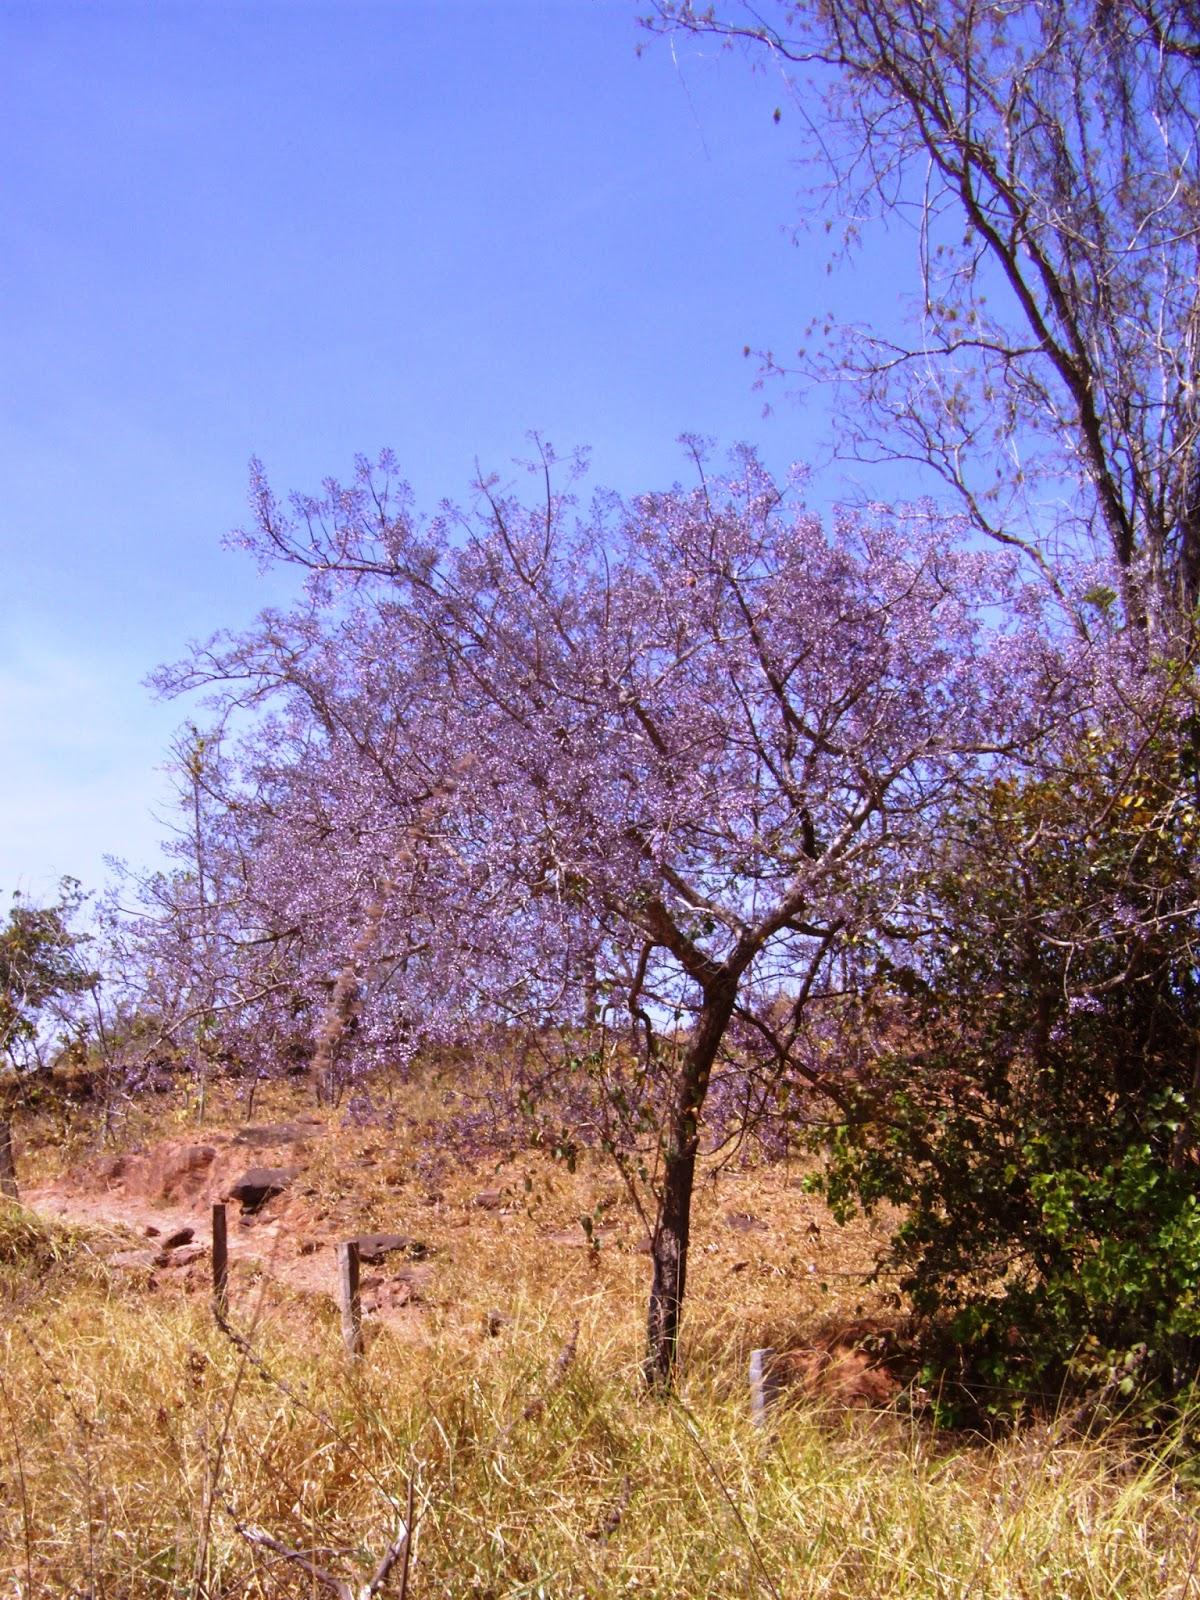 Plantas sobrevivendo à seca no Cerrado